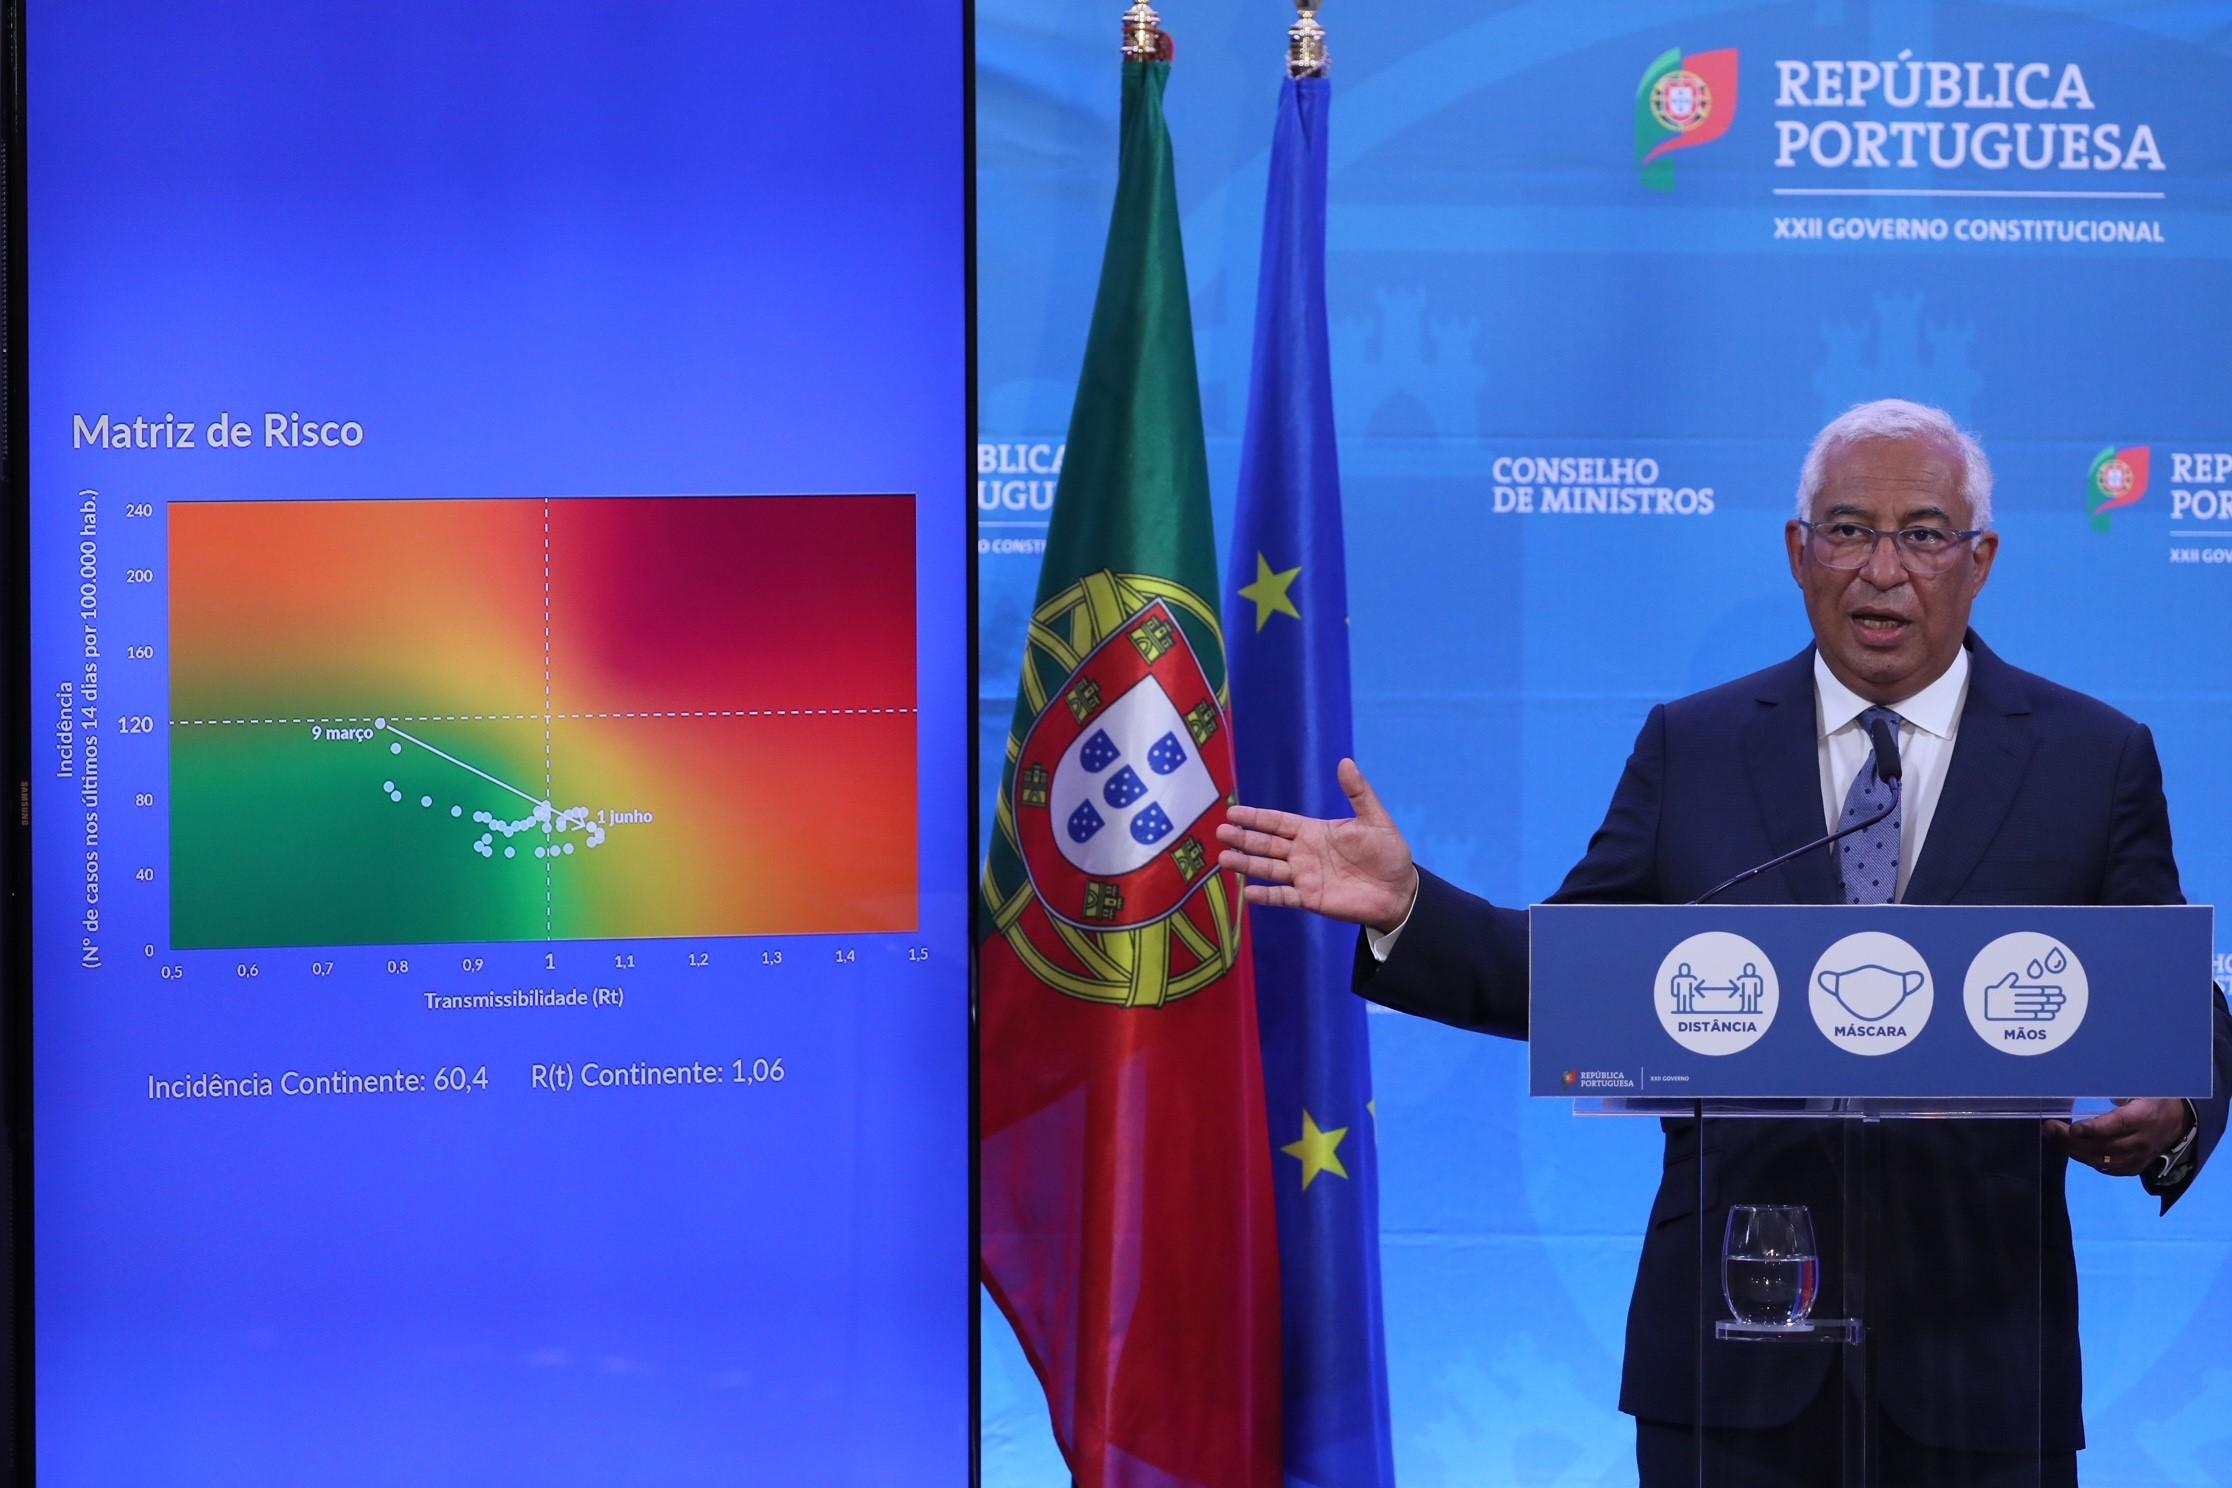 Portugalia COVID-19 Lizbona Porto Algarve Faro Aktualne Przepisy Zasady Wjazdowe Regulacje Koronawirus Potrzebne Dokumenty Zaświadczenia Paszport Szczepionkowy Certyfikat Opis Informacje